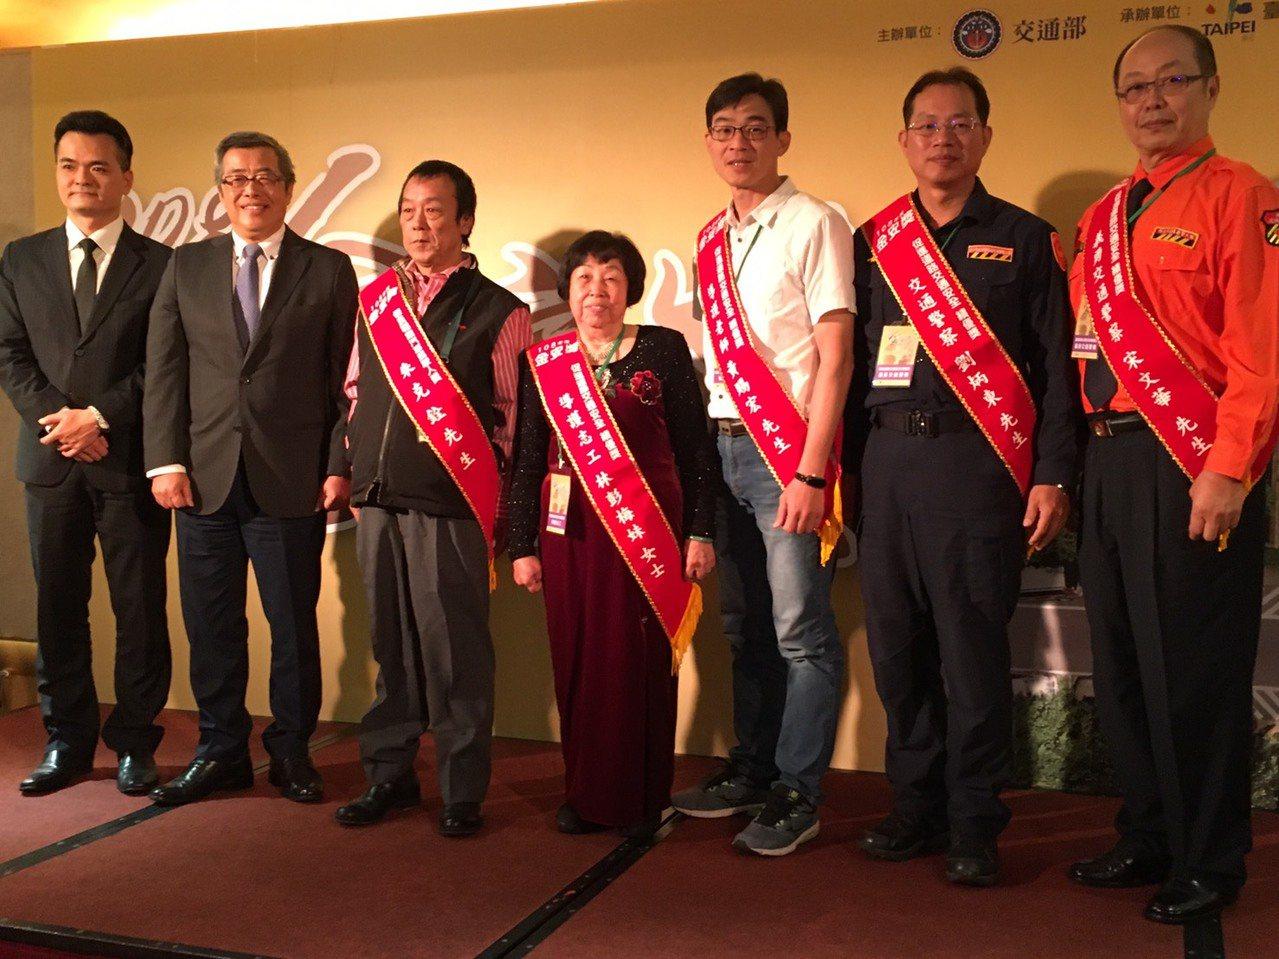 交通部今舉辦金安獎頒獎典禮。記者吳姿賢/攝影